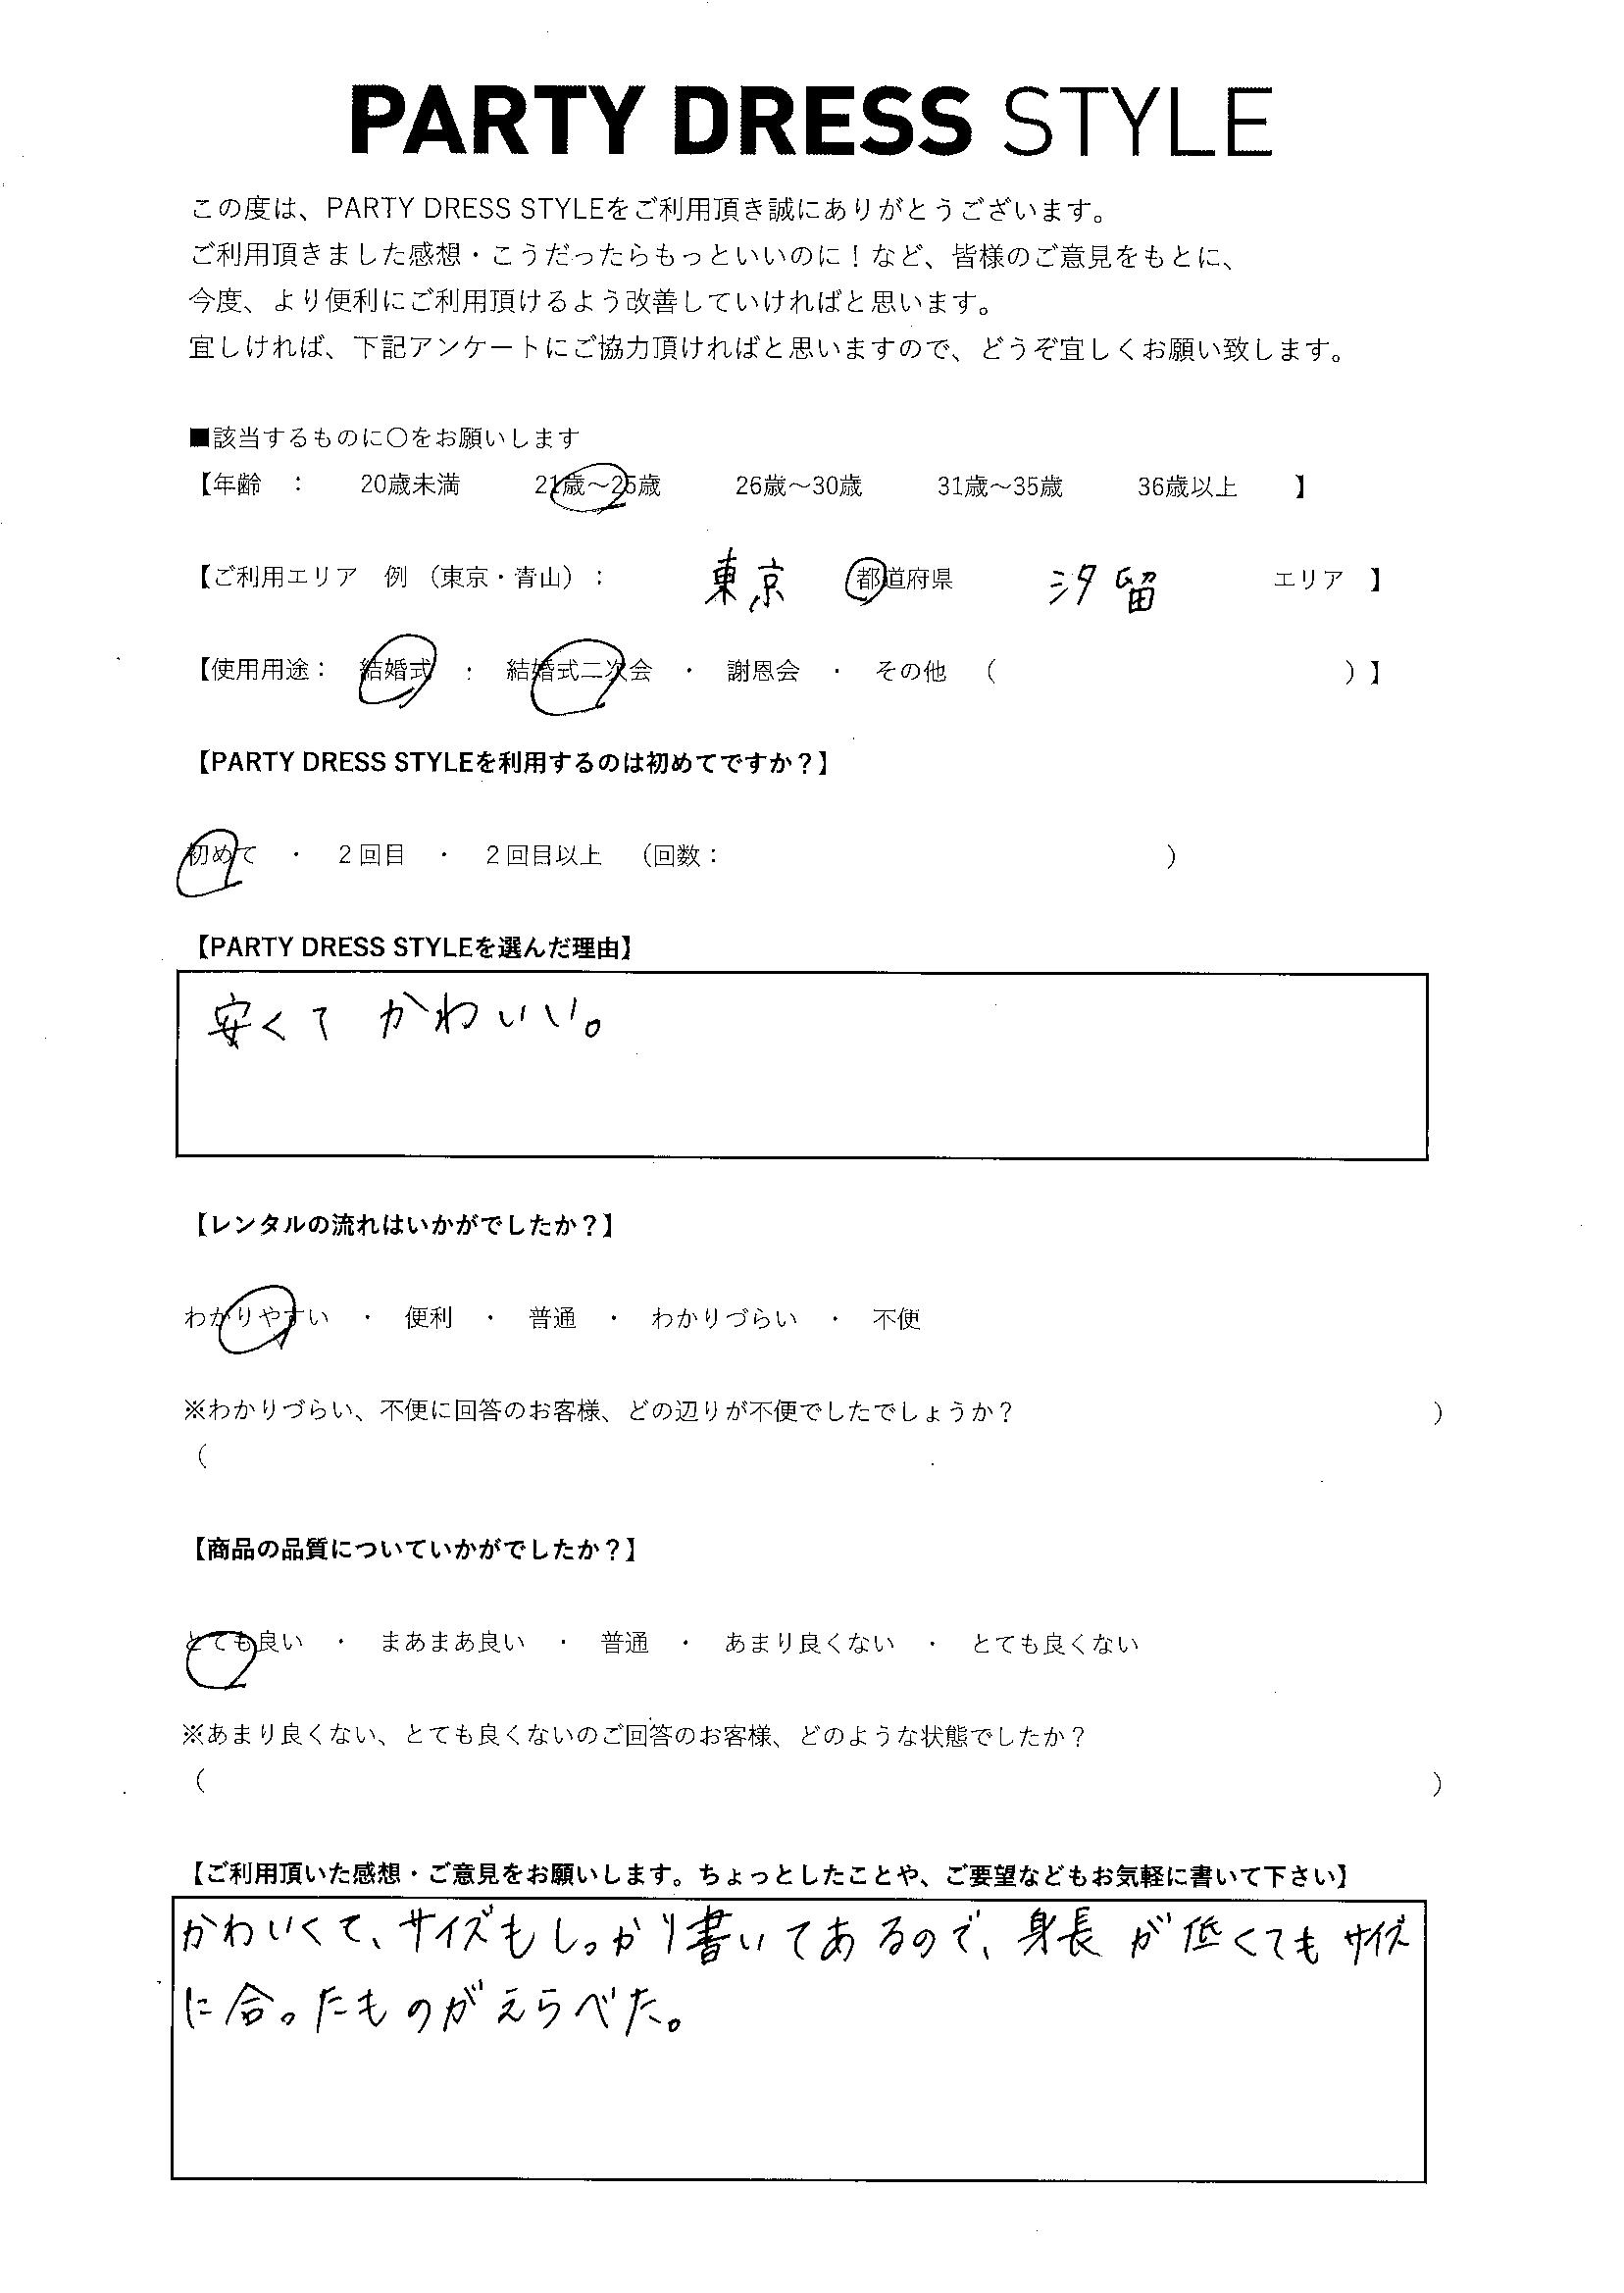 8/29結婚式・結婚式二次会ご利用 東京・汐留エリア